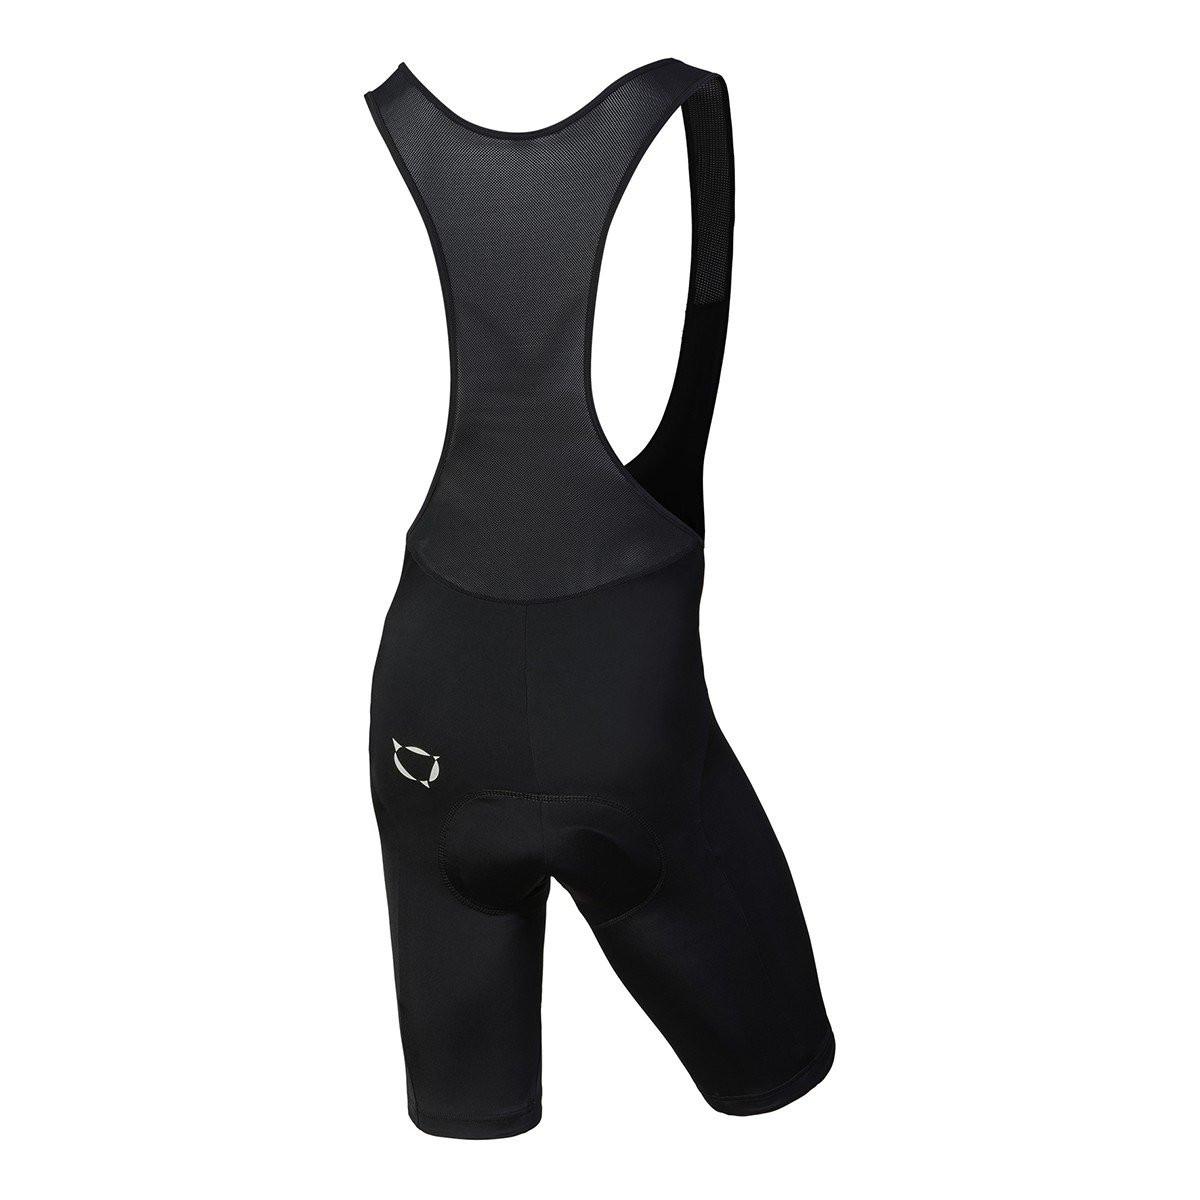 Nalini Squadra Black Bib Shorts Rear